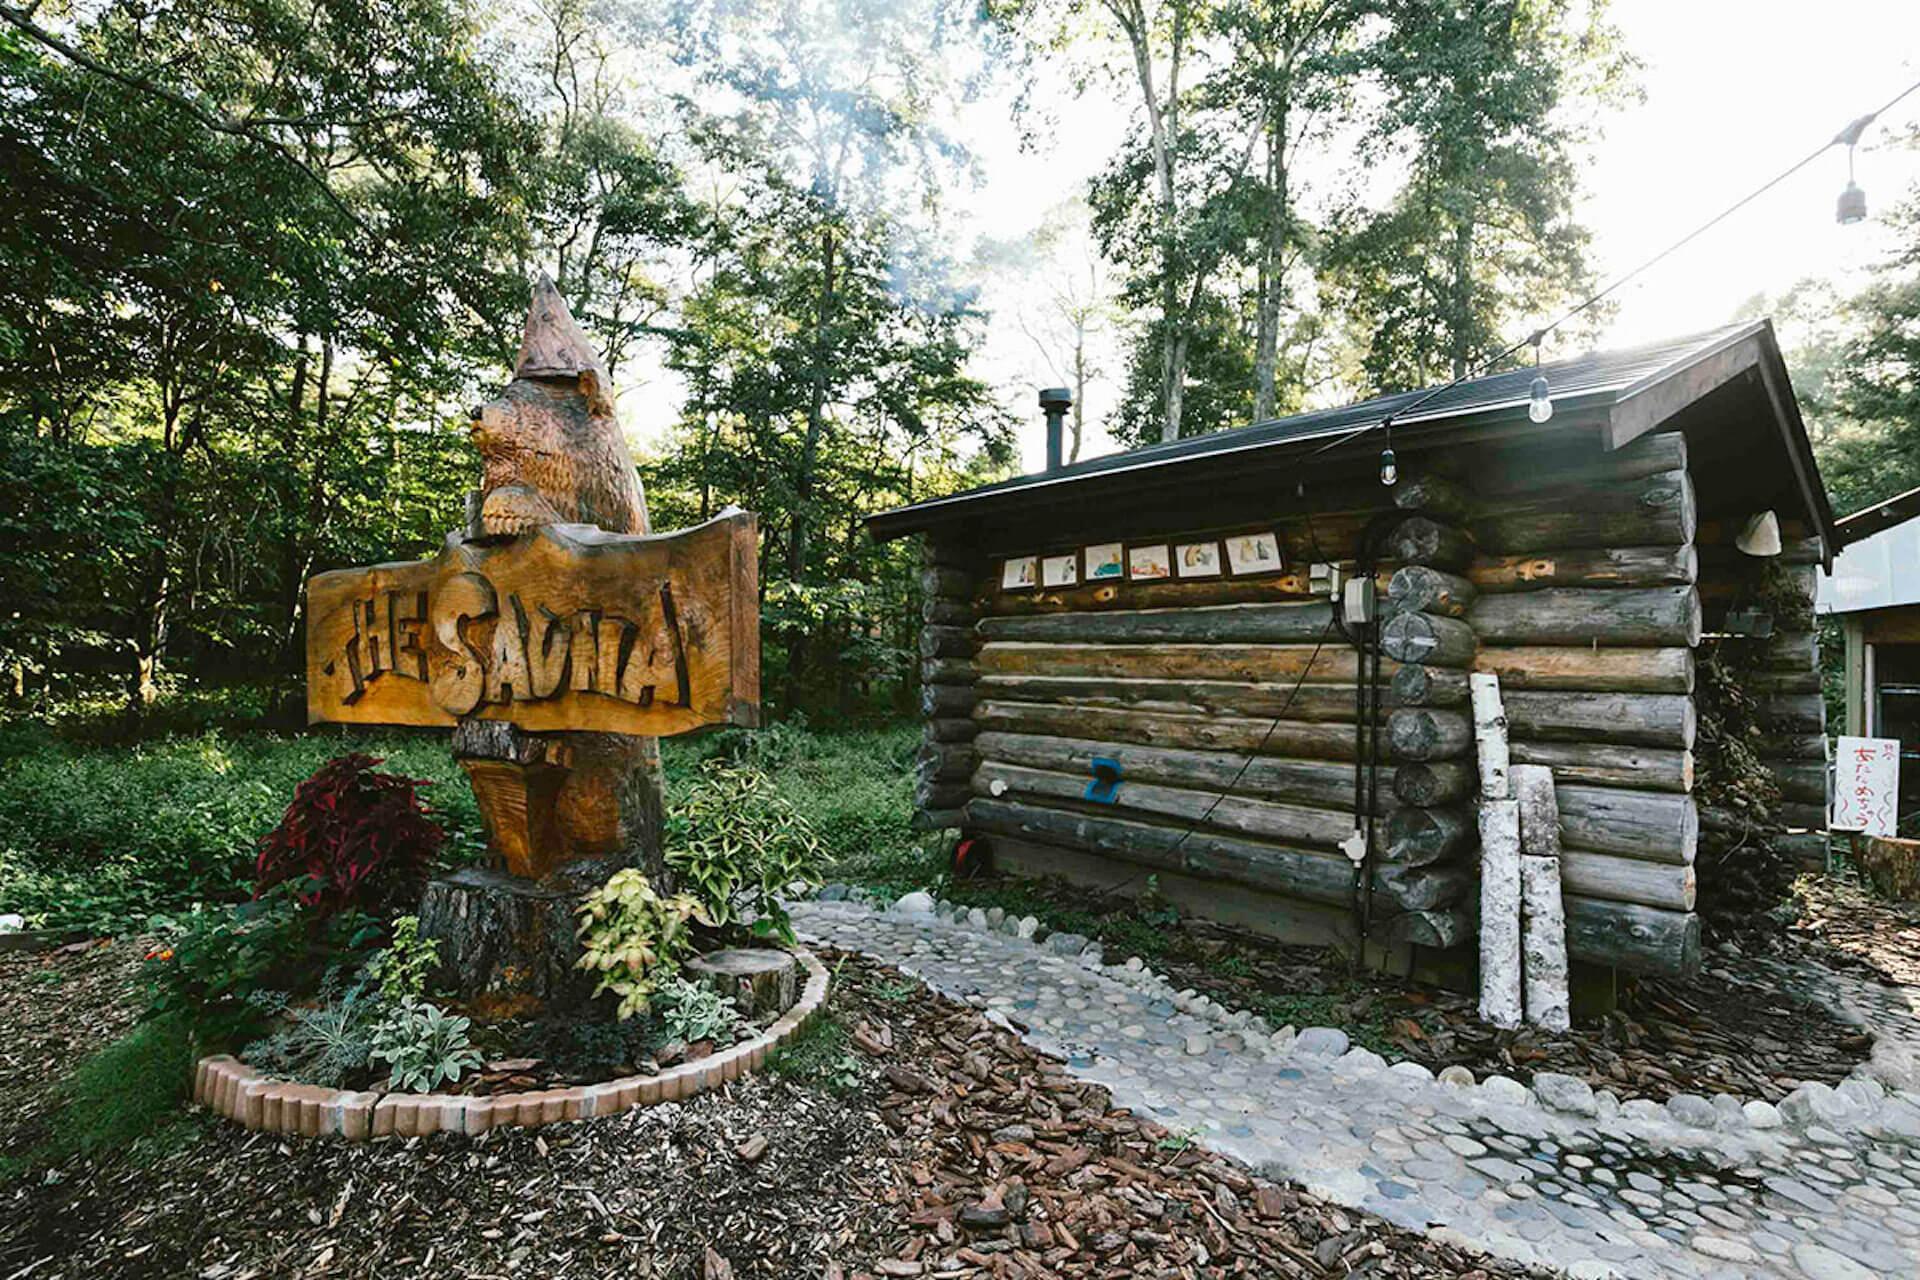 今人気のアウトドア・サウナの魅力とは!? ゲストハウスLAMP野尻湖の『The Sauna』を体験! art191115_jeep_sauna_main